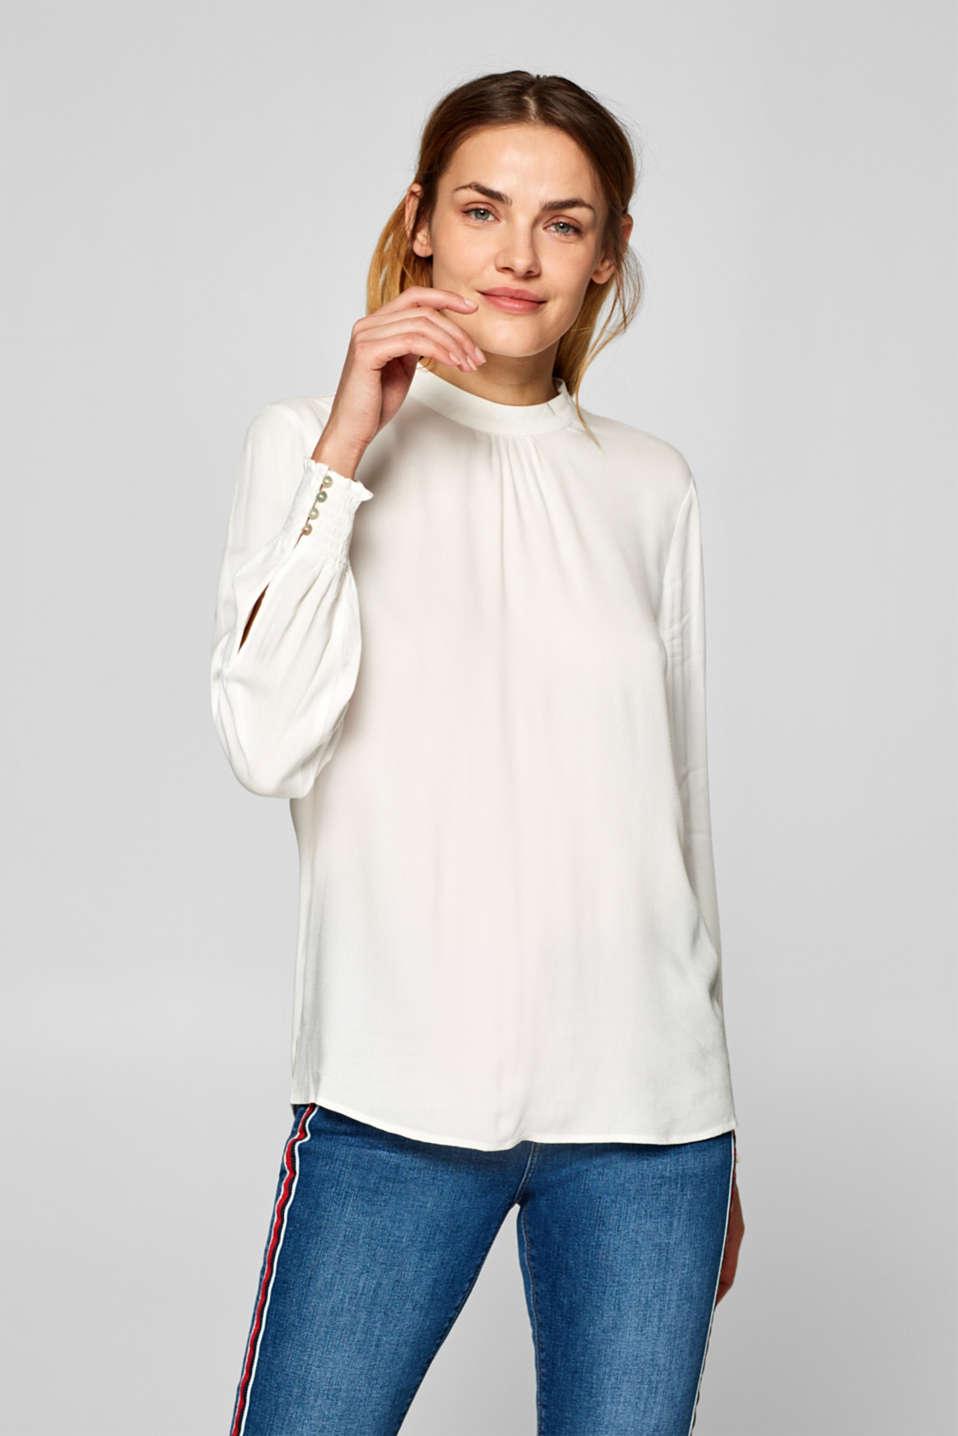 Esprit - Stehkragen-Bluse mit Smok-Bündchen im Online Shop kaufen fe0065f91d